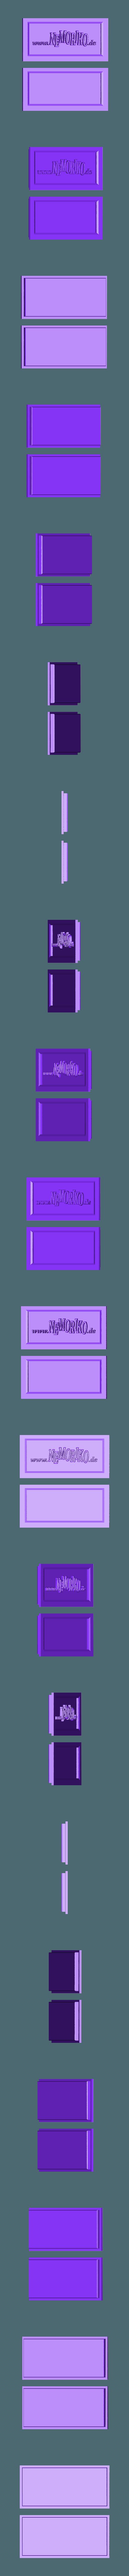 02_Tueren.obj Télécharger fichier OBJ gratuit Nemoriko's : Petite chenille hétéroclite • Objet pour imprimante 3D, Nemoriko